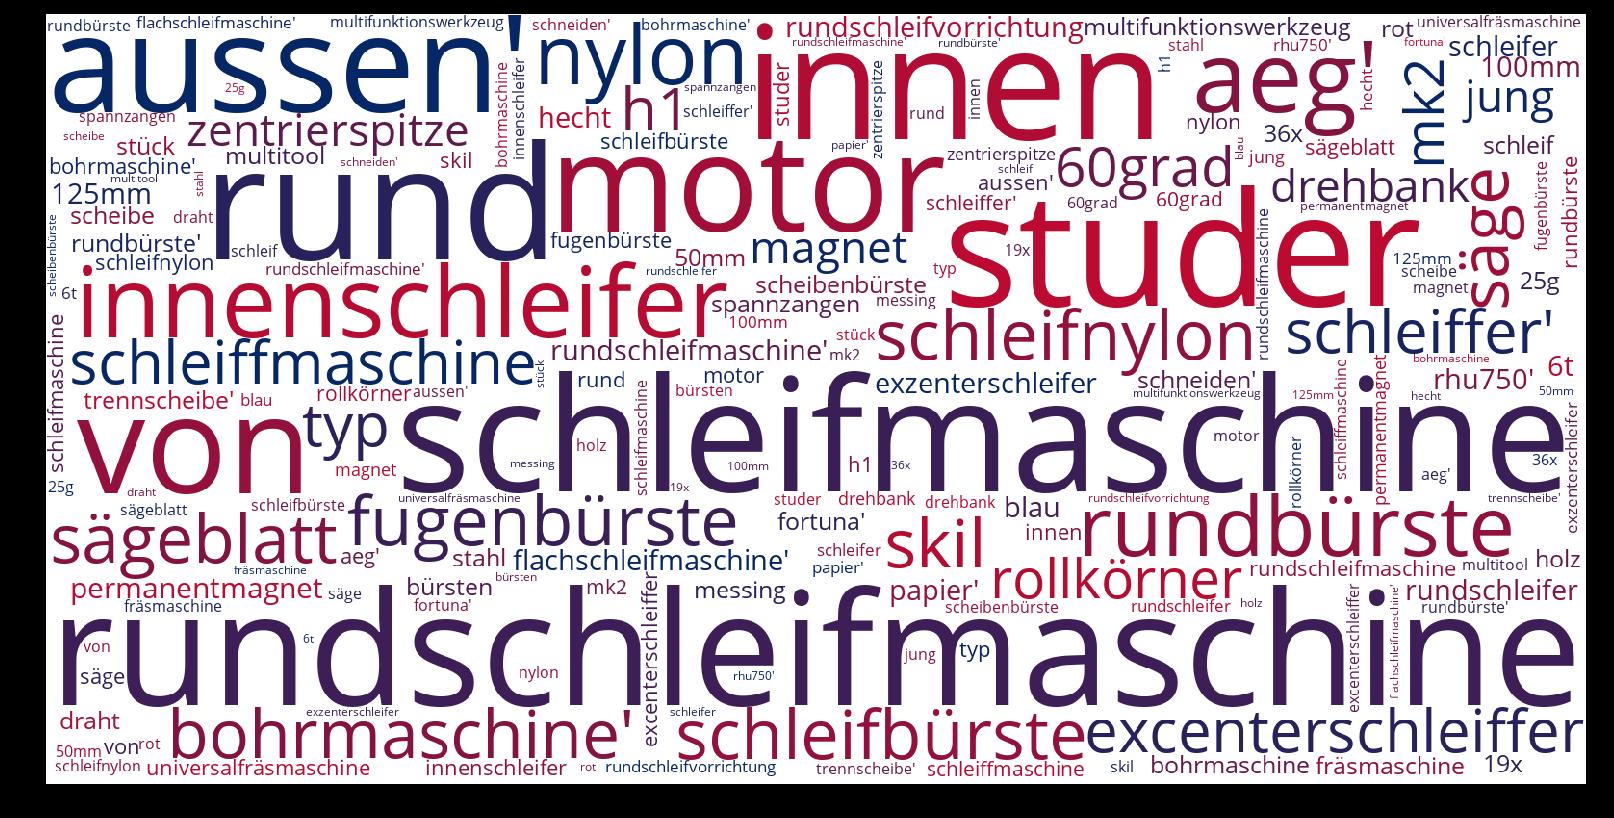 Rundschleifmaschine-wordcloud